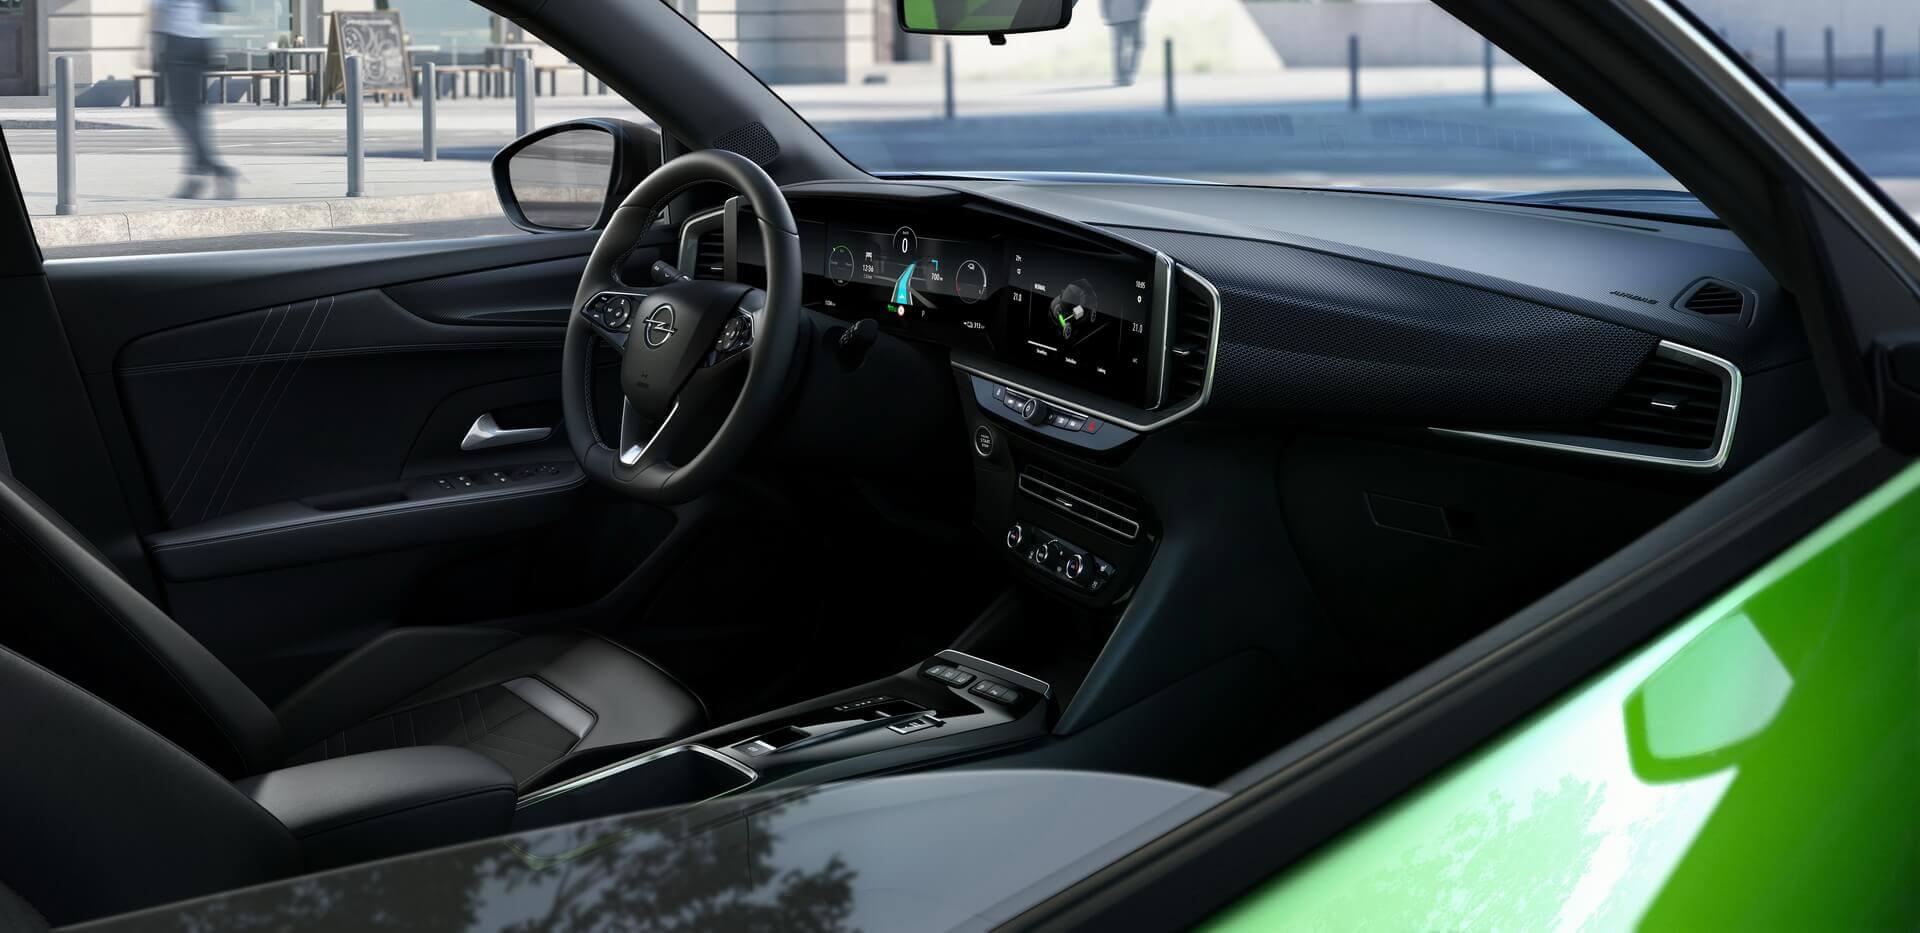 Opel Pure Panel: горизонтально растянутая приборная панель объединяет два широкоэкранных дисплея